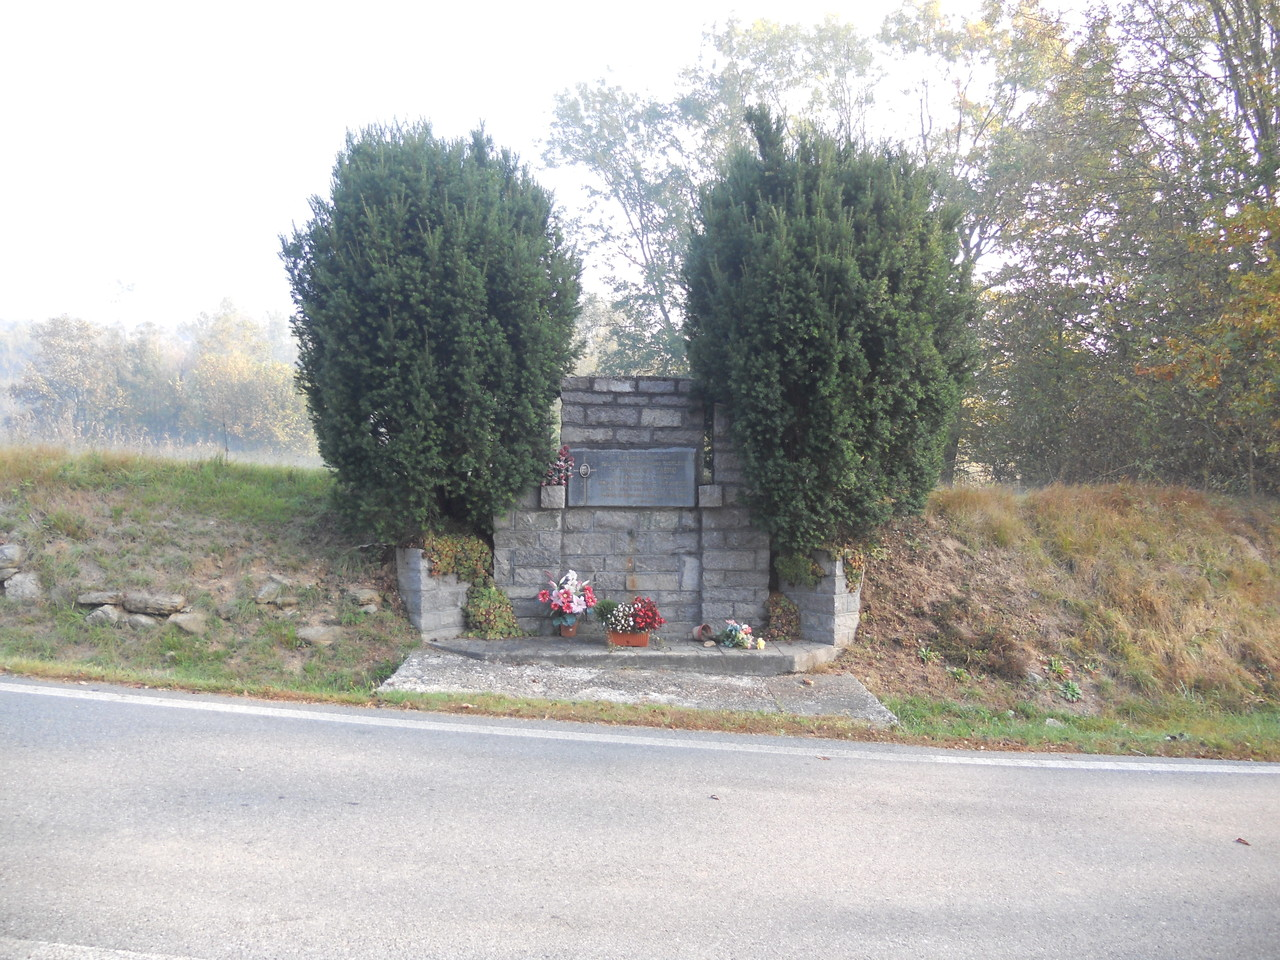 Il monumento commemorativo di don Francesco Cabrio, nei pressi dell'incrocio tra la strada per Torrazzo e la provinciale per Ivrea